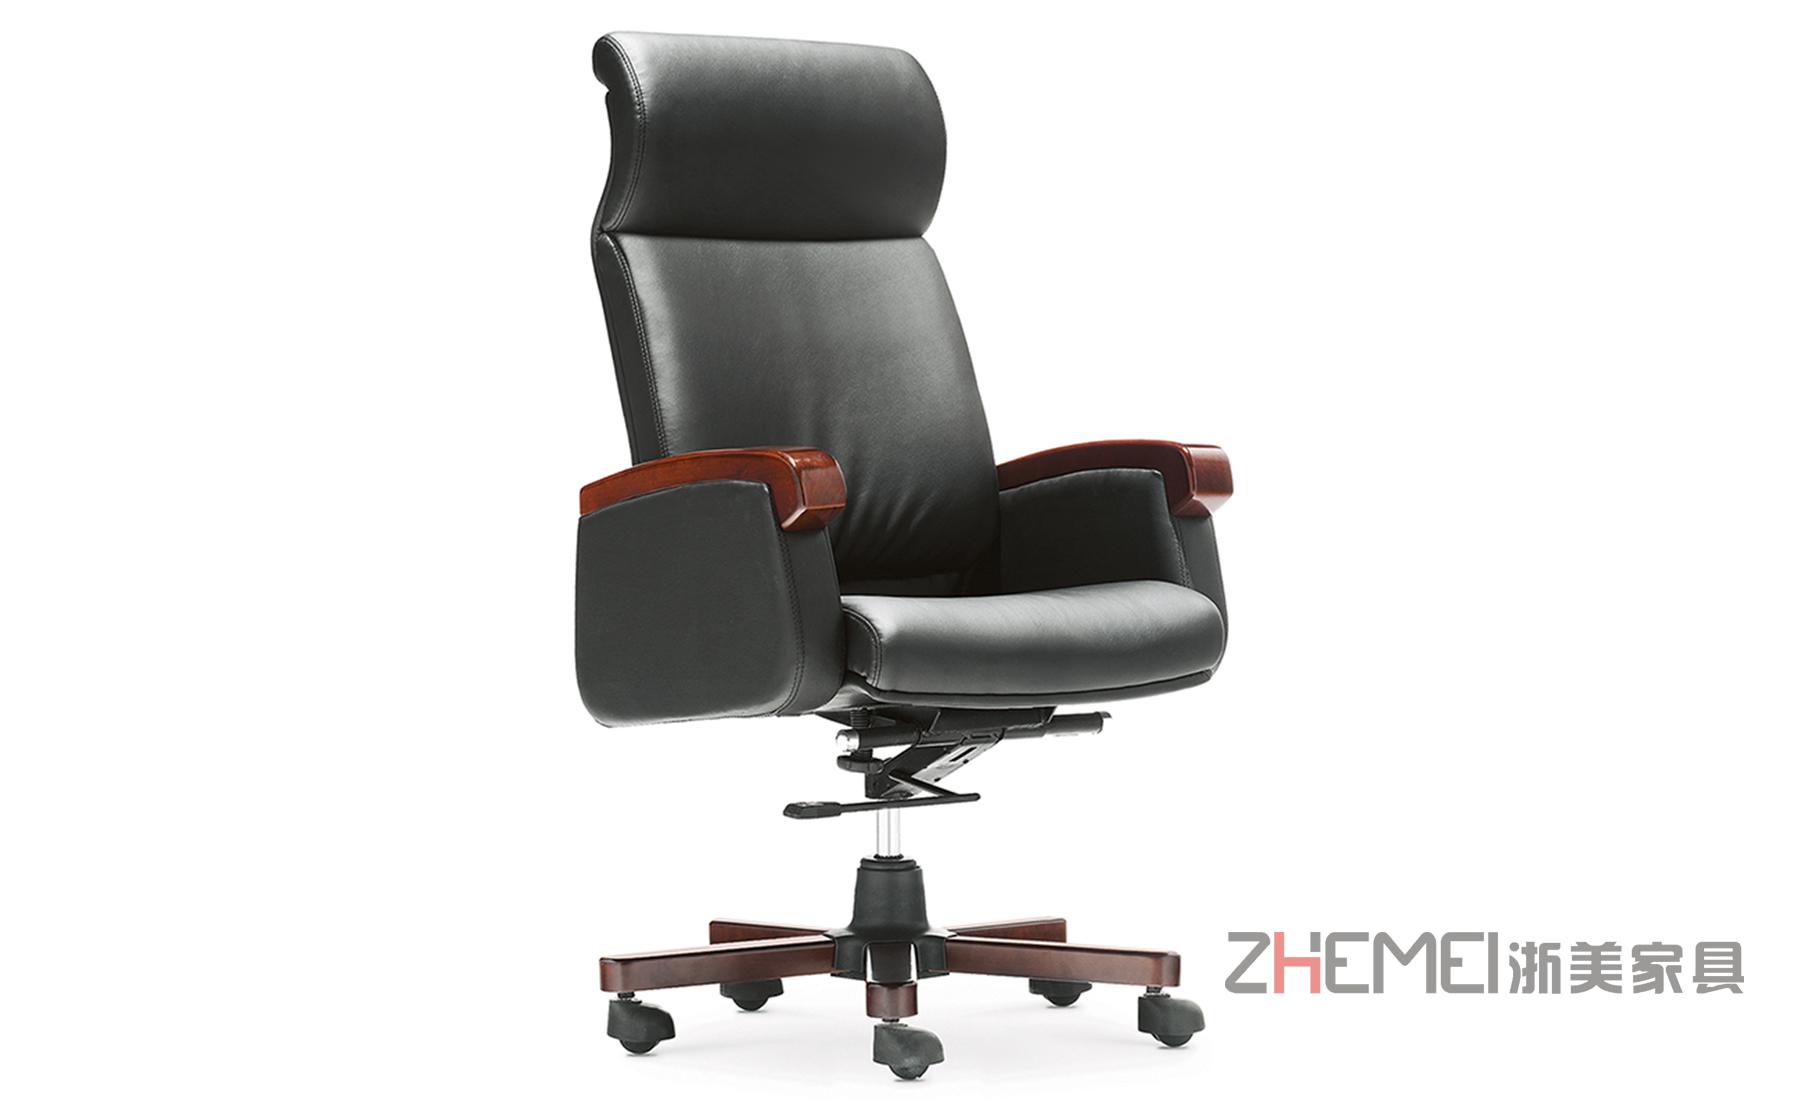 浙美现代简约办公家具公司企业时尚舒适经理大班椅WS-938